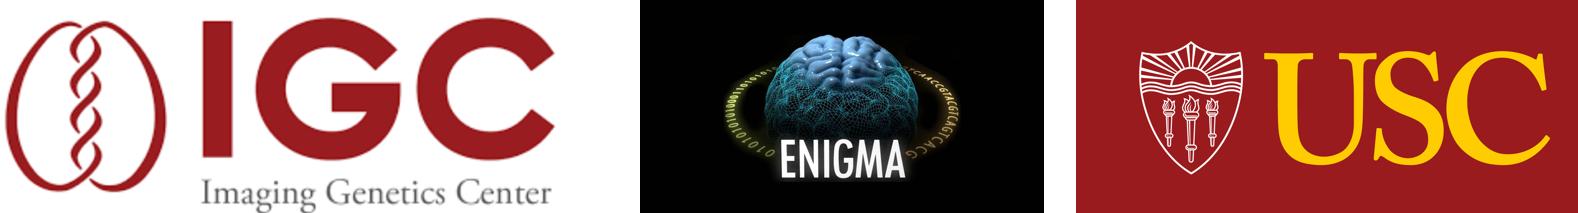 http://enigma.ini.usc.edu